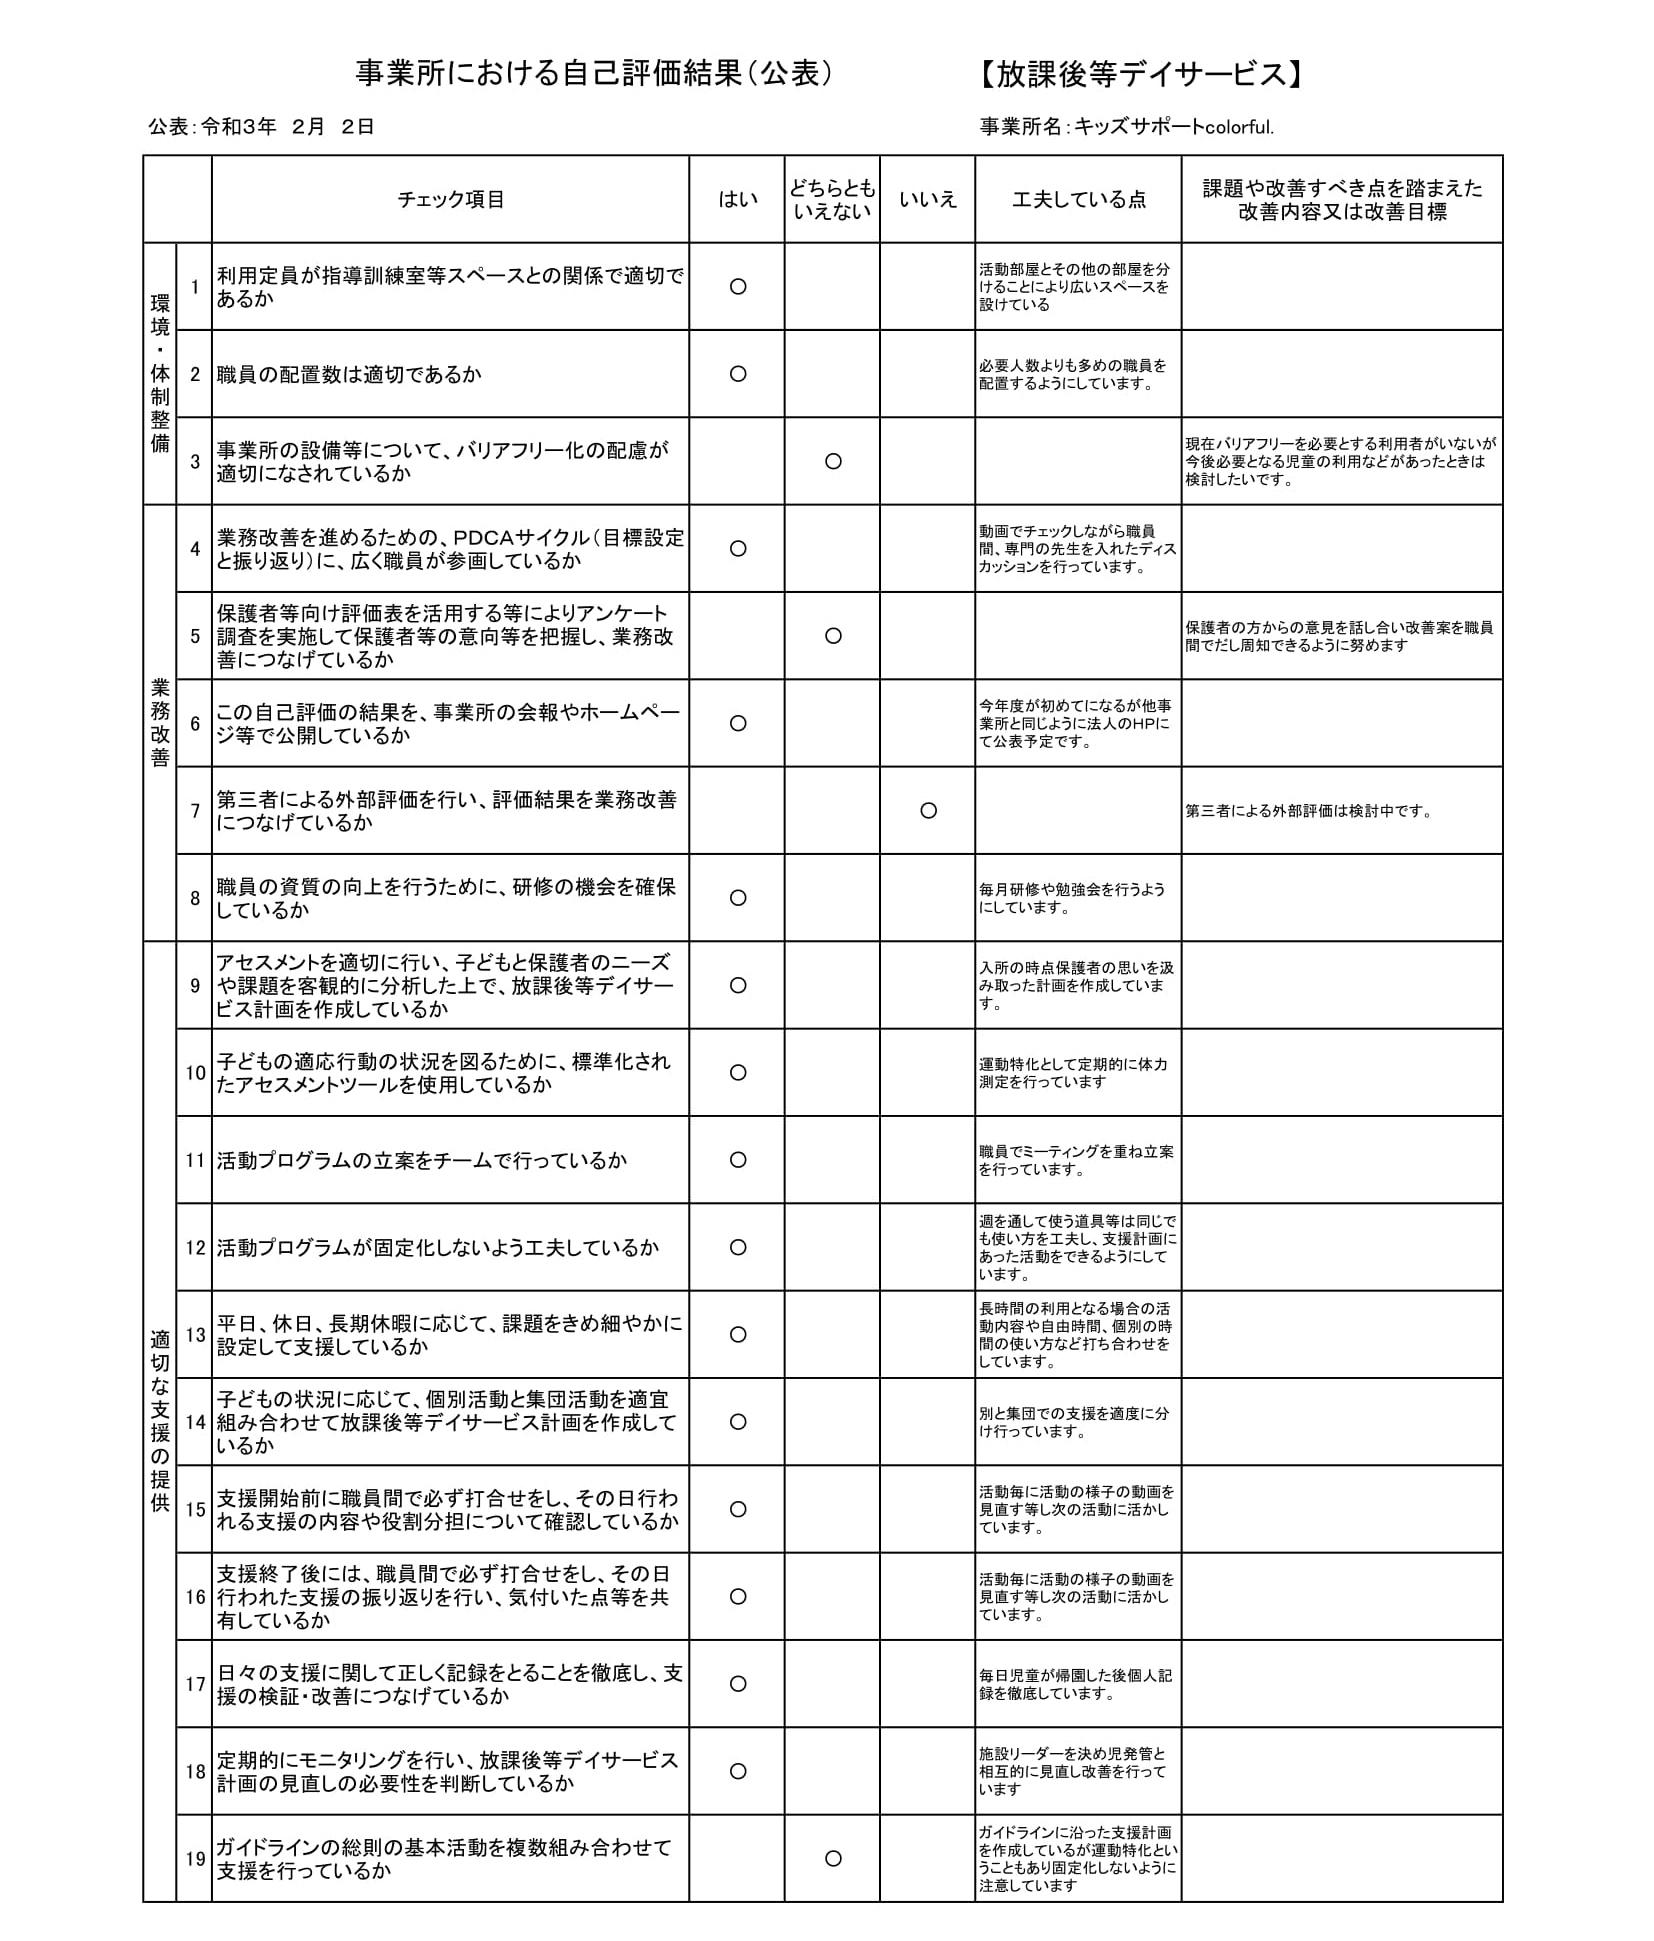 【放課後等デイサービス】事業所における自己評価結果キッズサポートcolorful-1